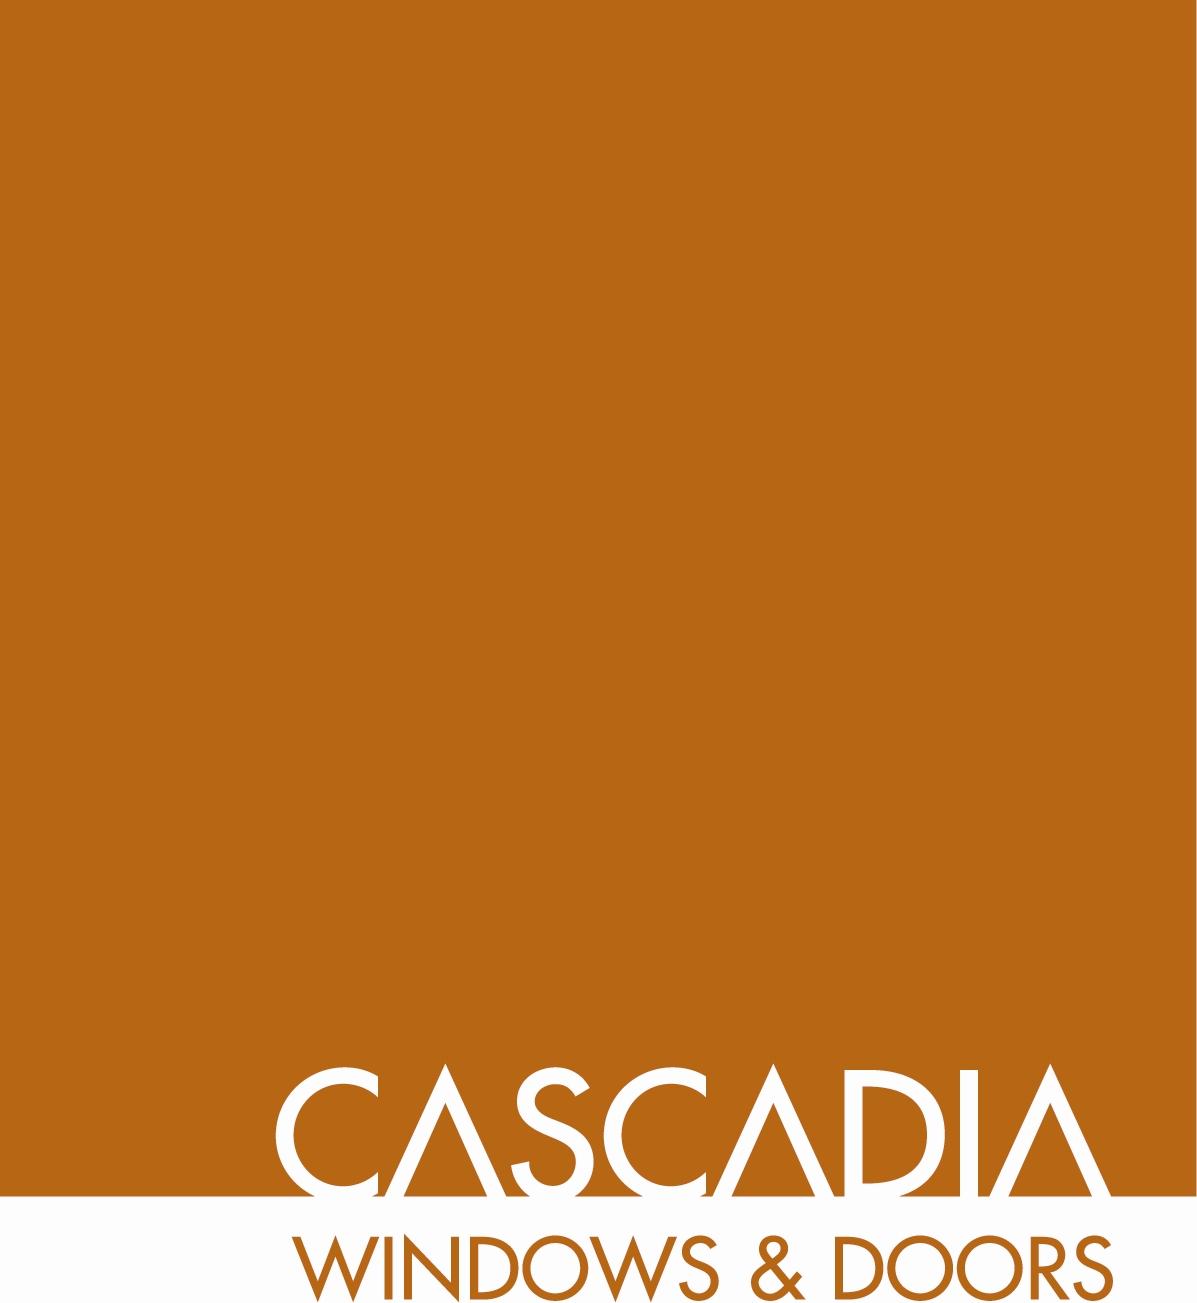 Cascadia_logo_CMYKorange